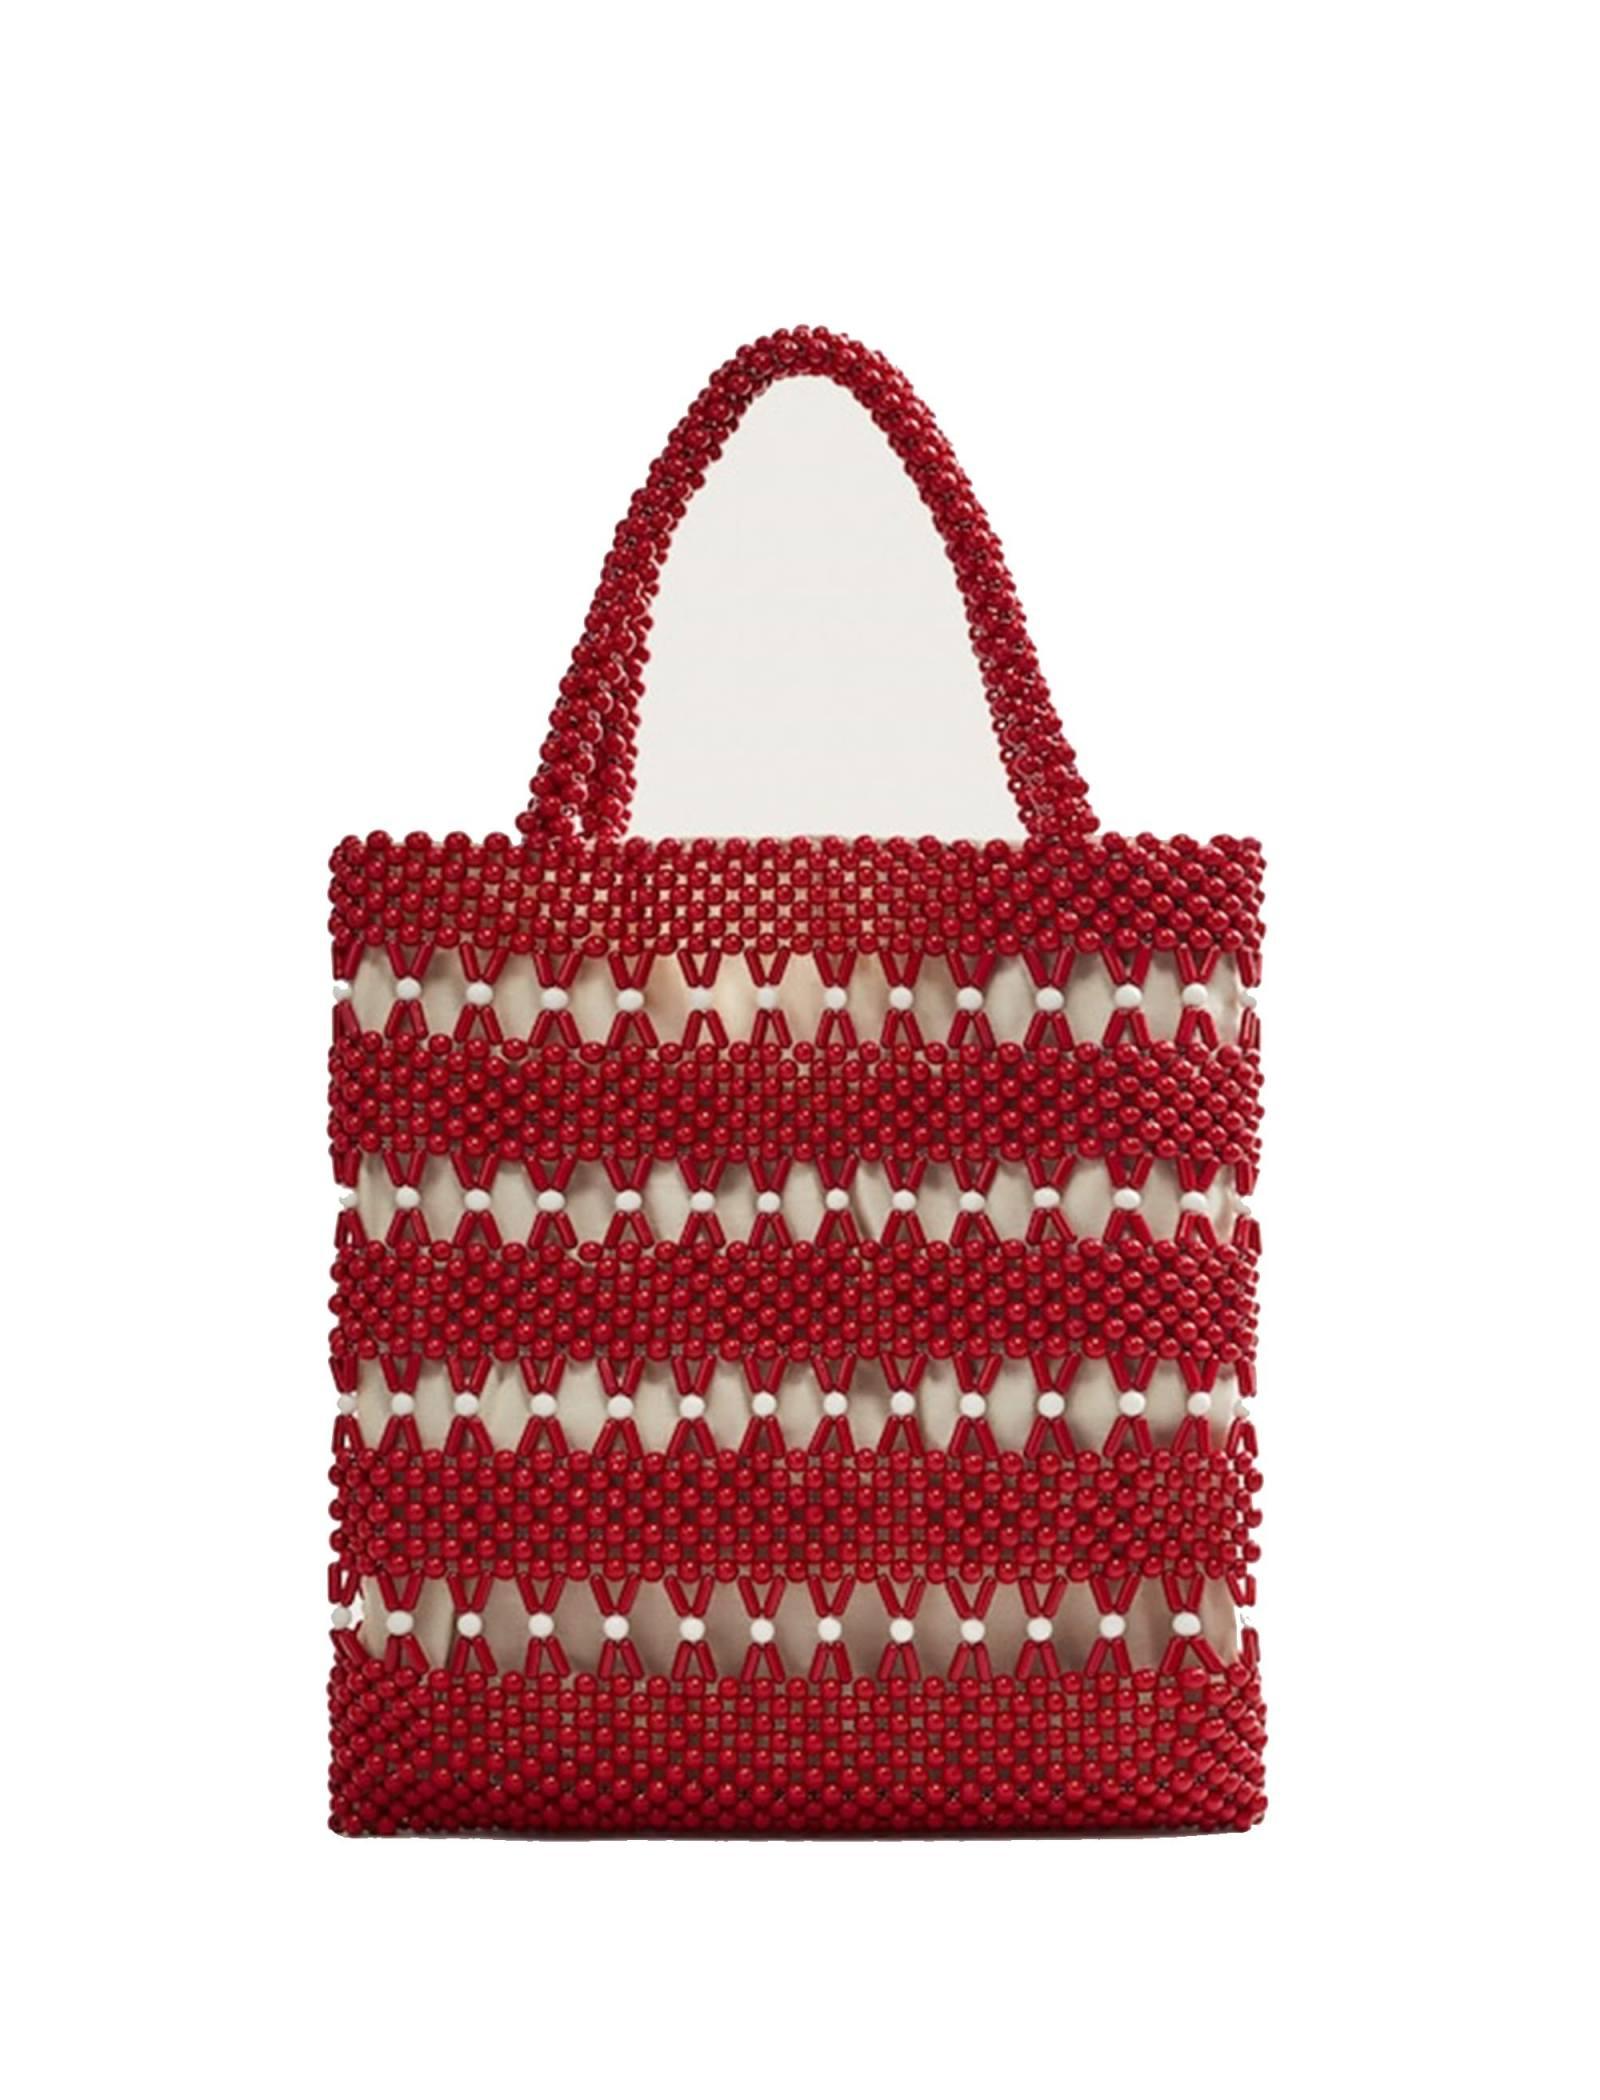 کیف دوشی زنانه - ویولتا بای مانگو تک سایز